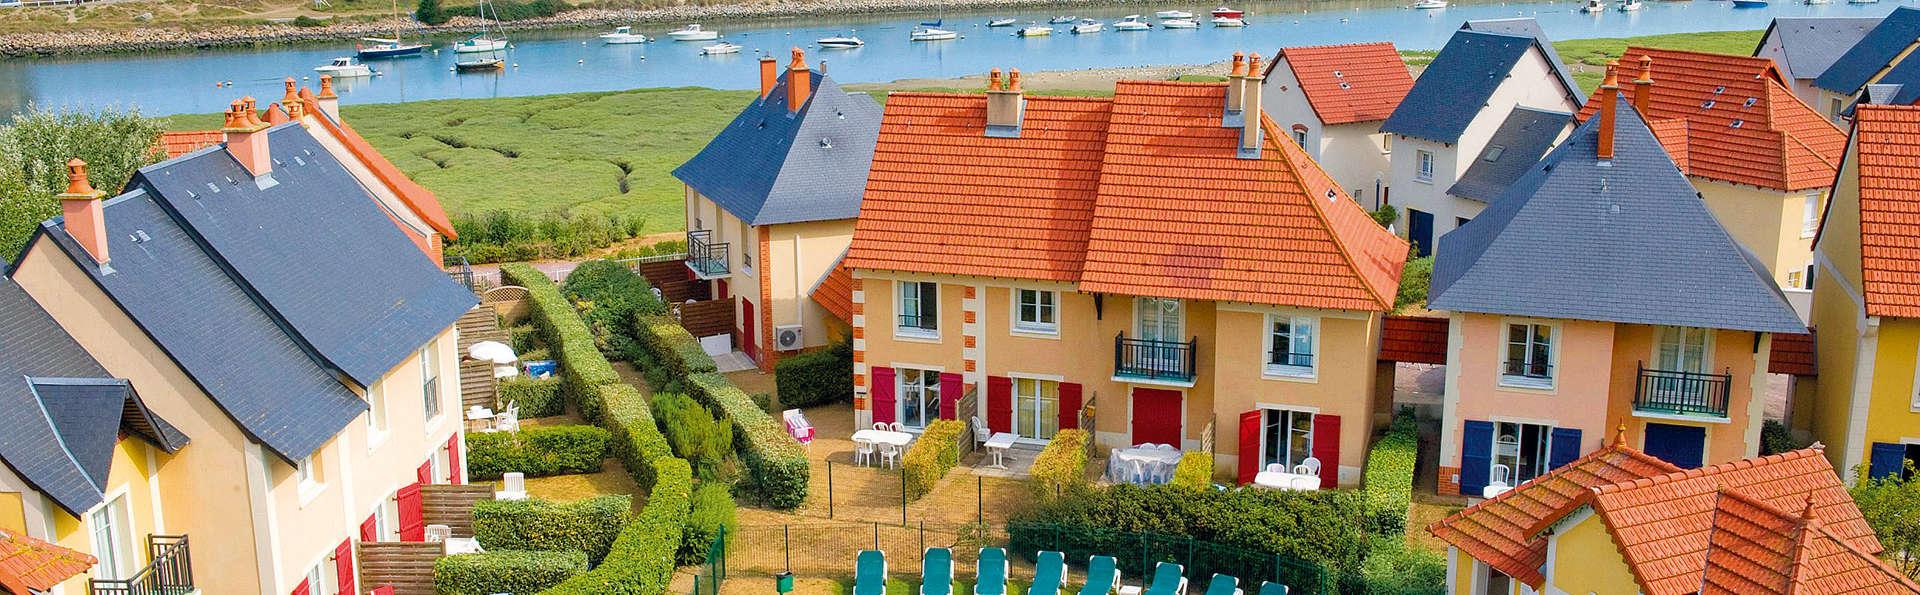 Pierre et Vacances Port Guillaume - Edit_Front.jpg